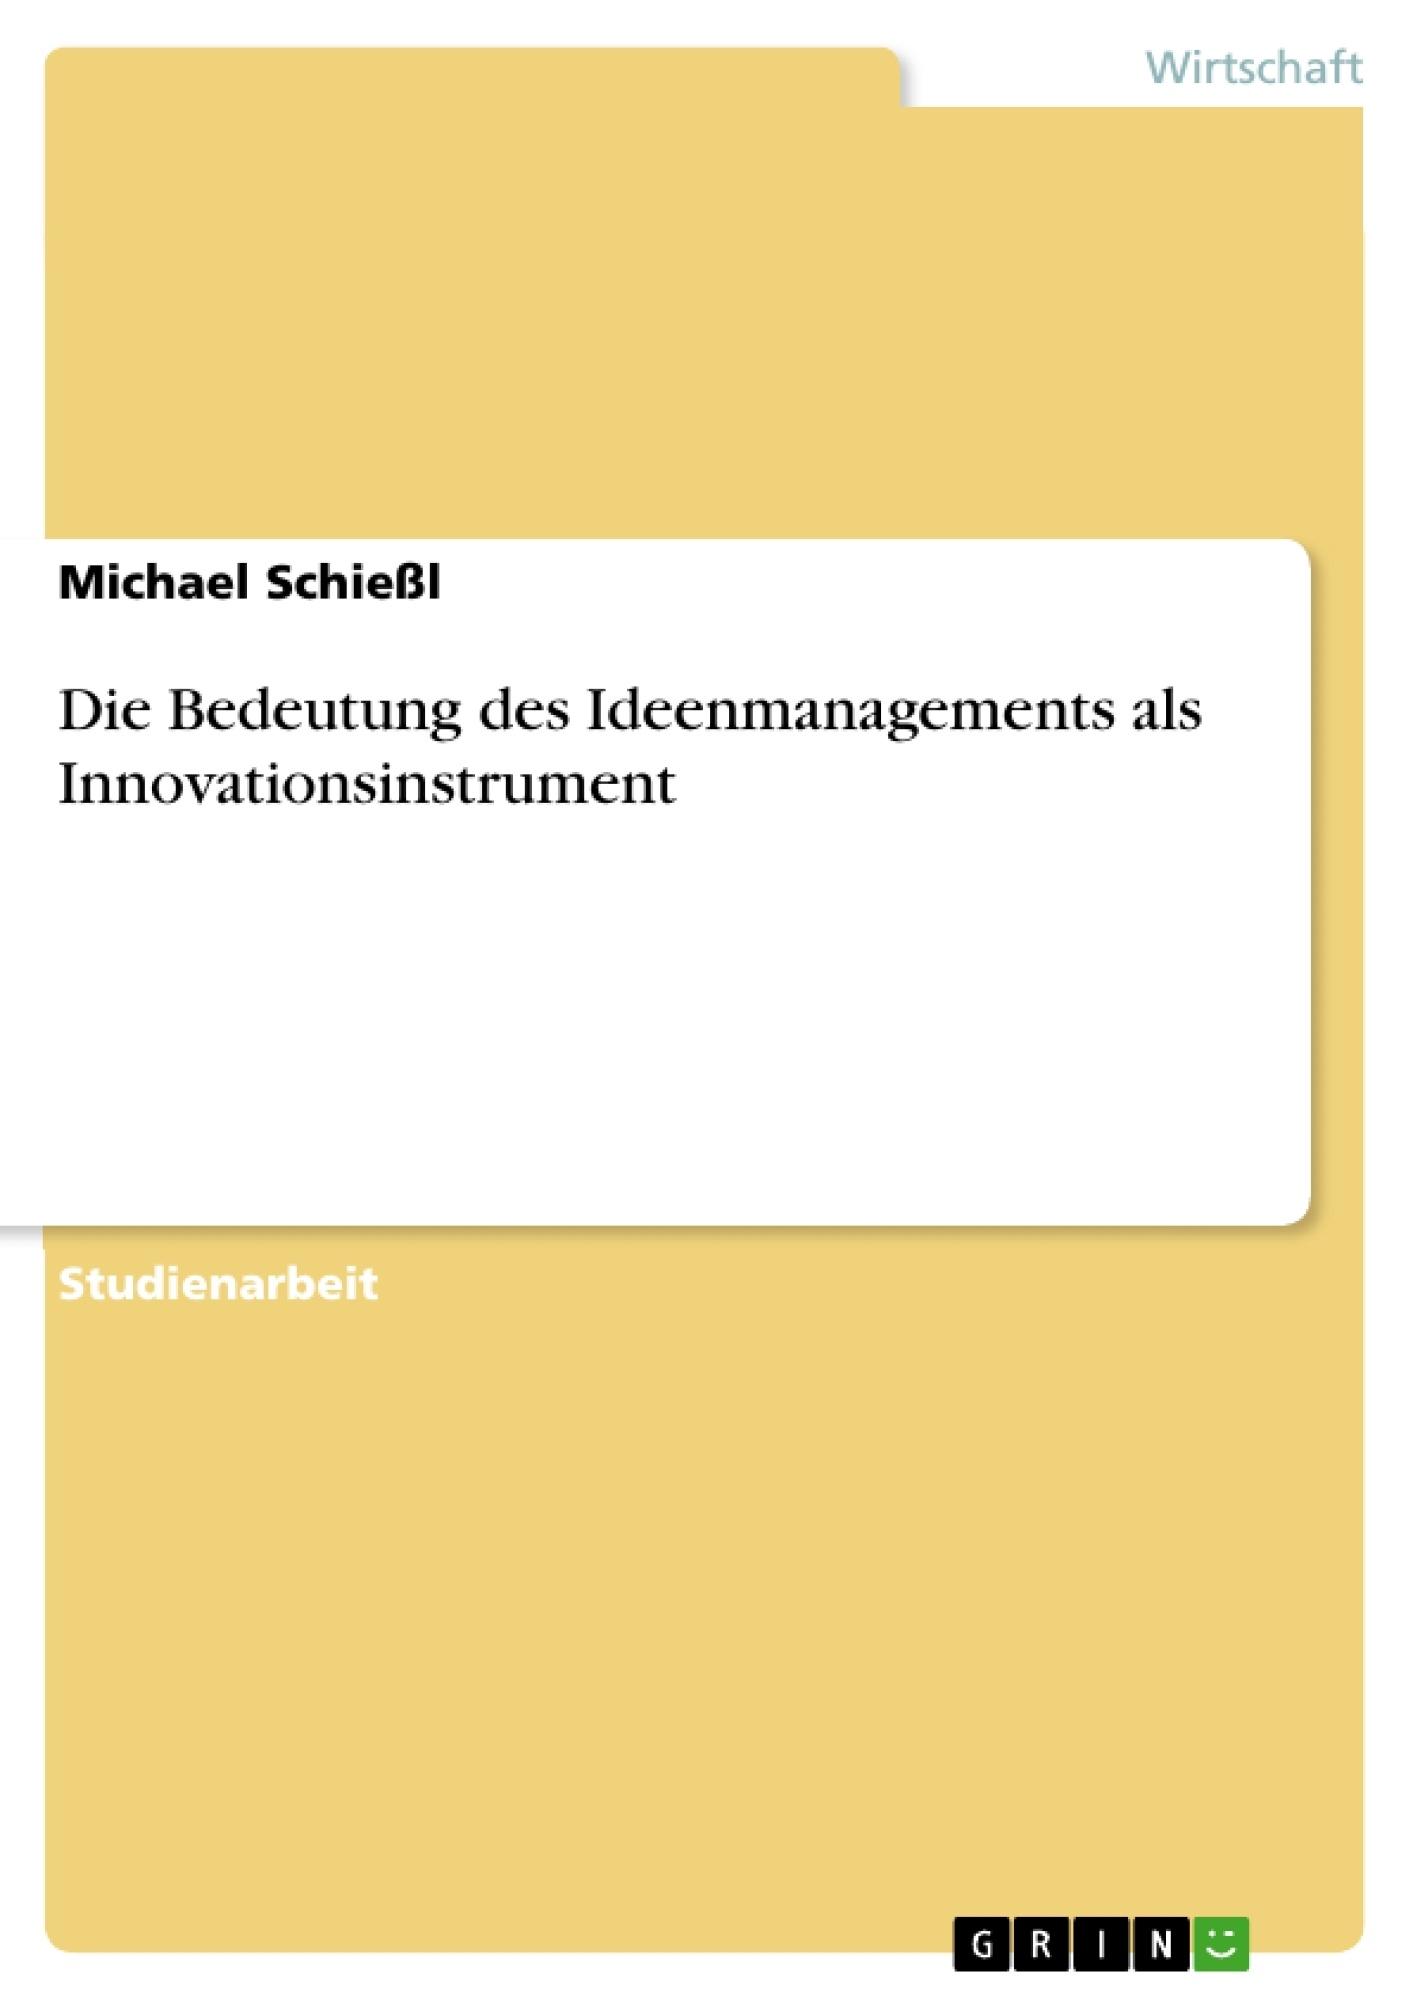 Titel: Die Bedeutung des Ideenmanagements als Innovationsinstrument